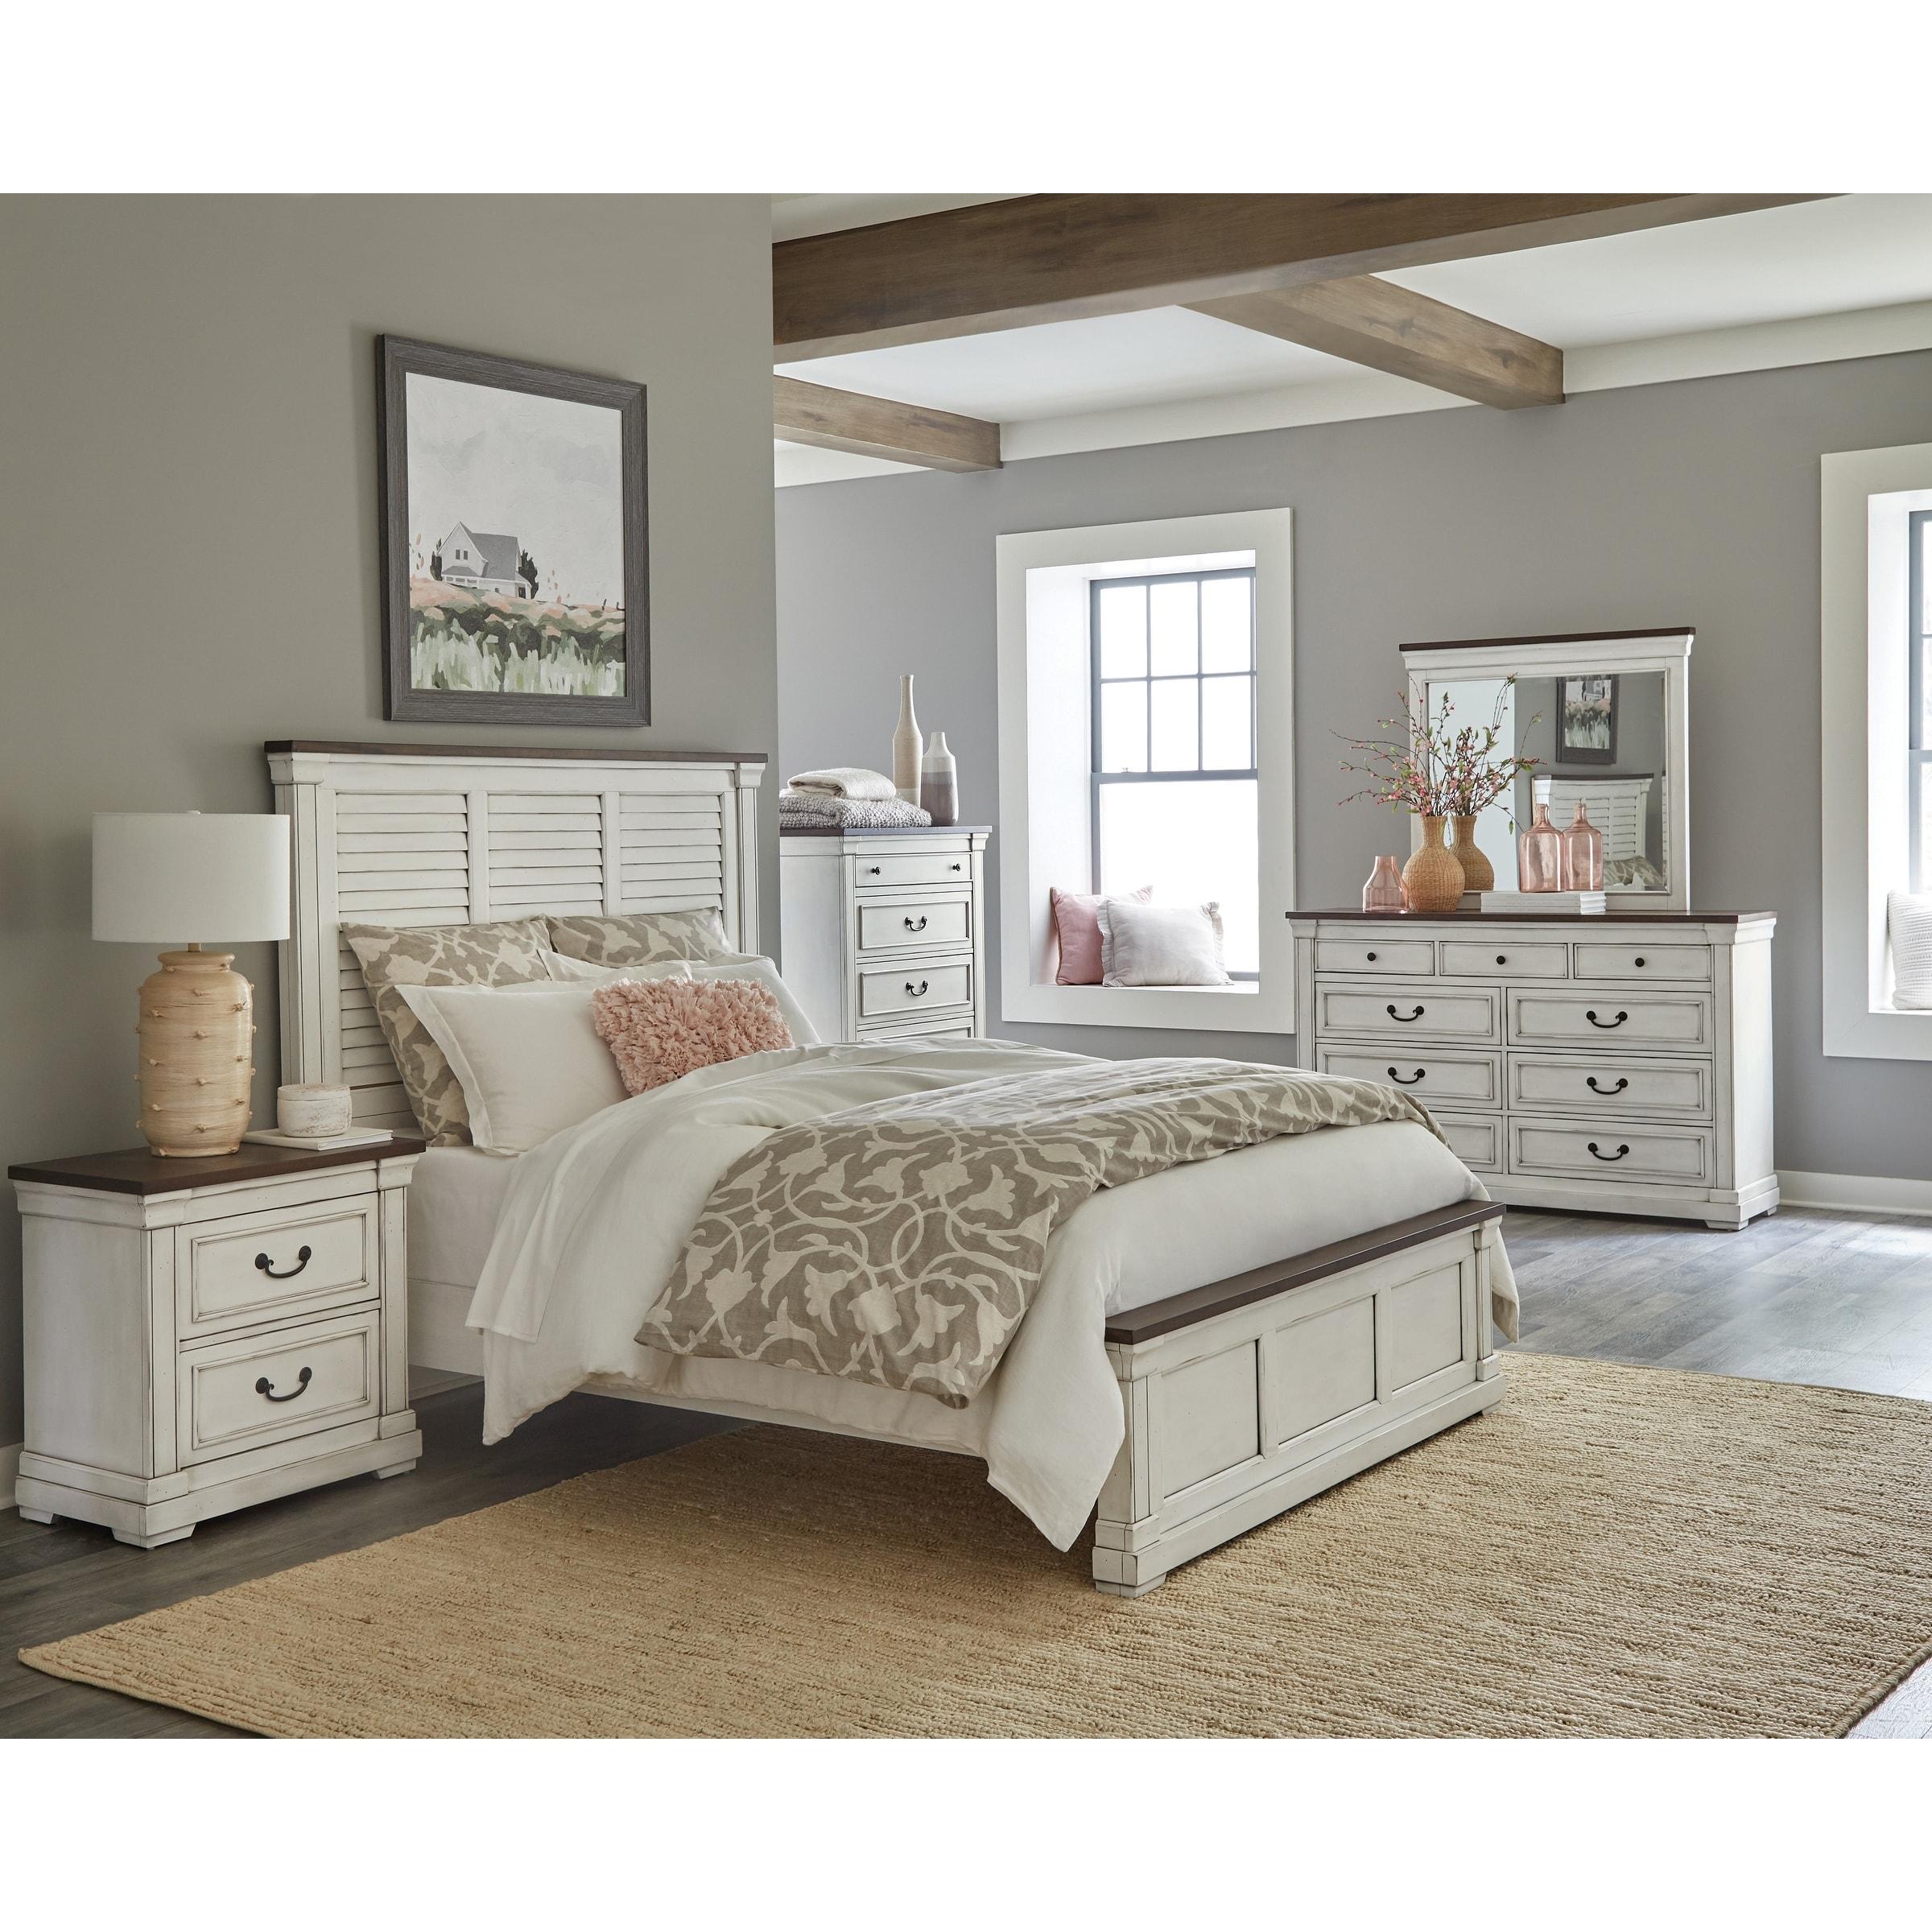 Marlowe White And Dark Rum 4 Piece Bedroom Set With 2 Nightstands Overstock 32116987